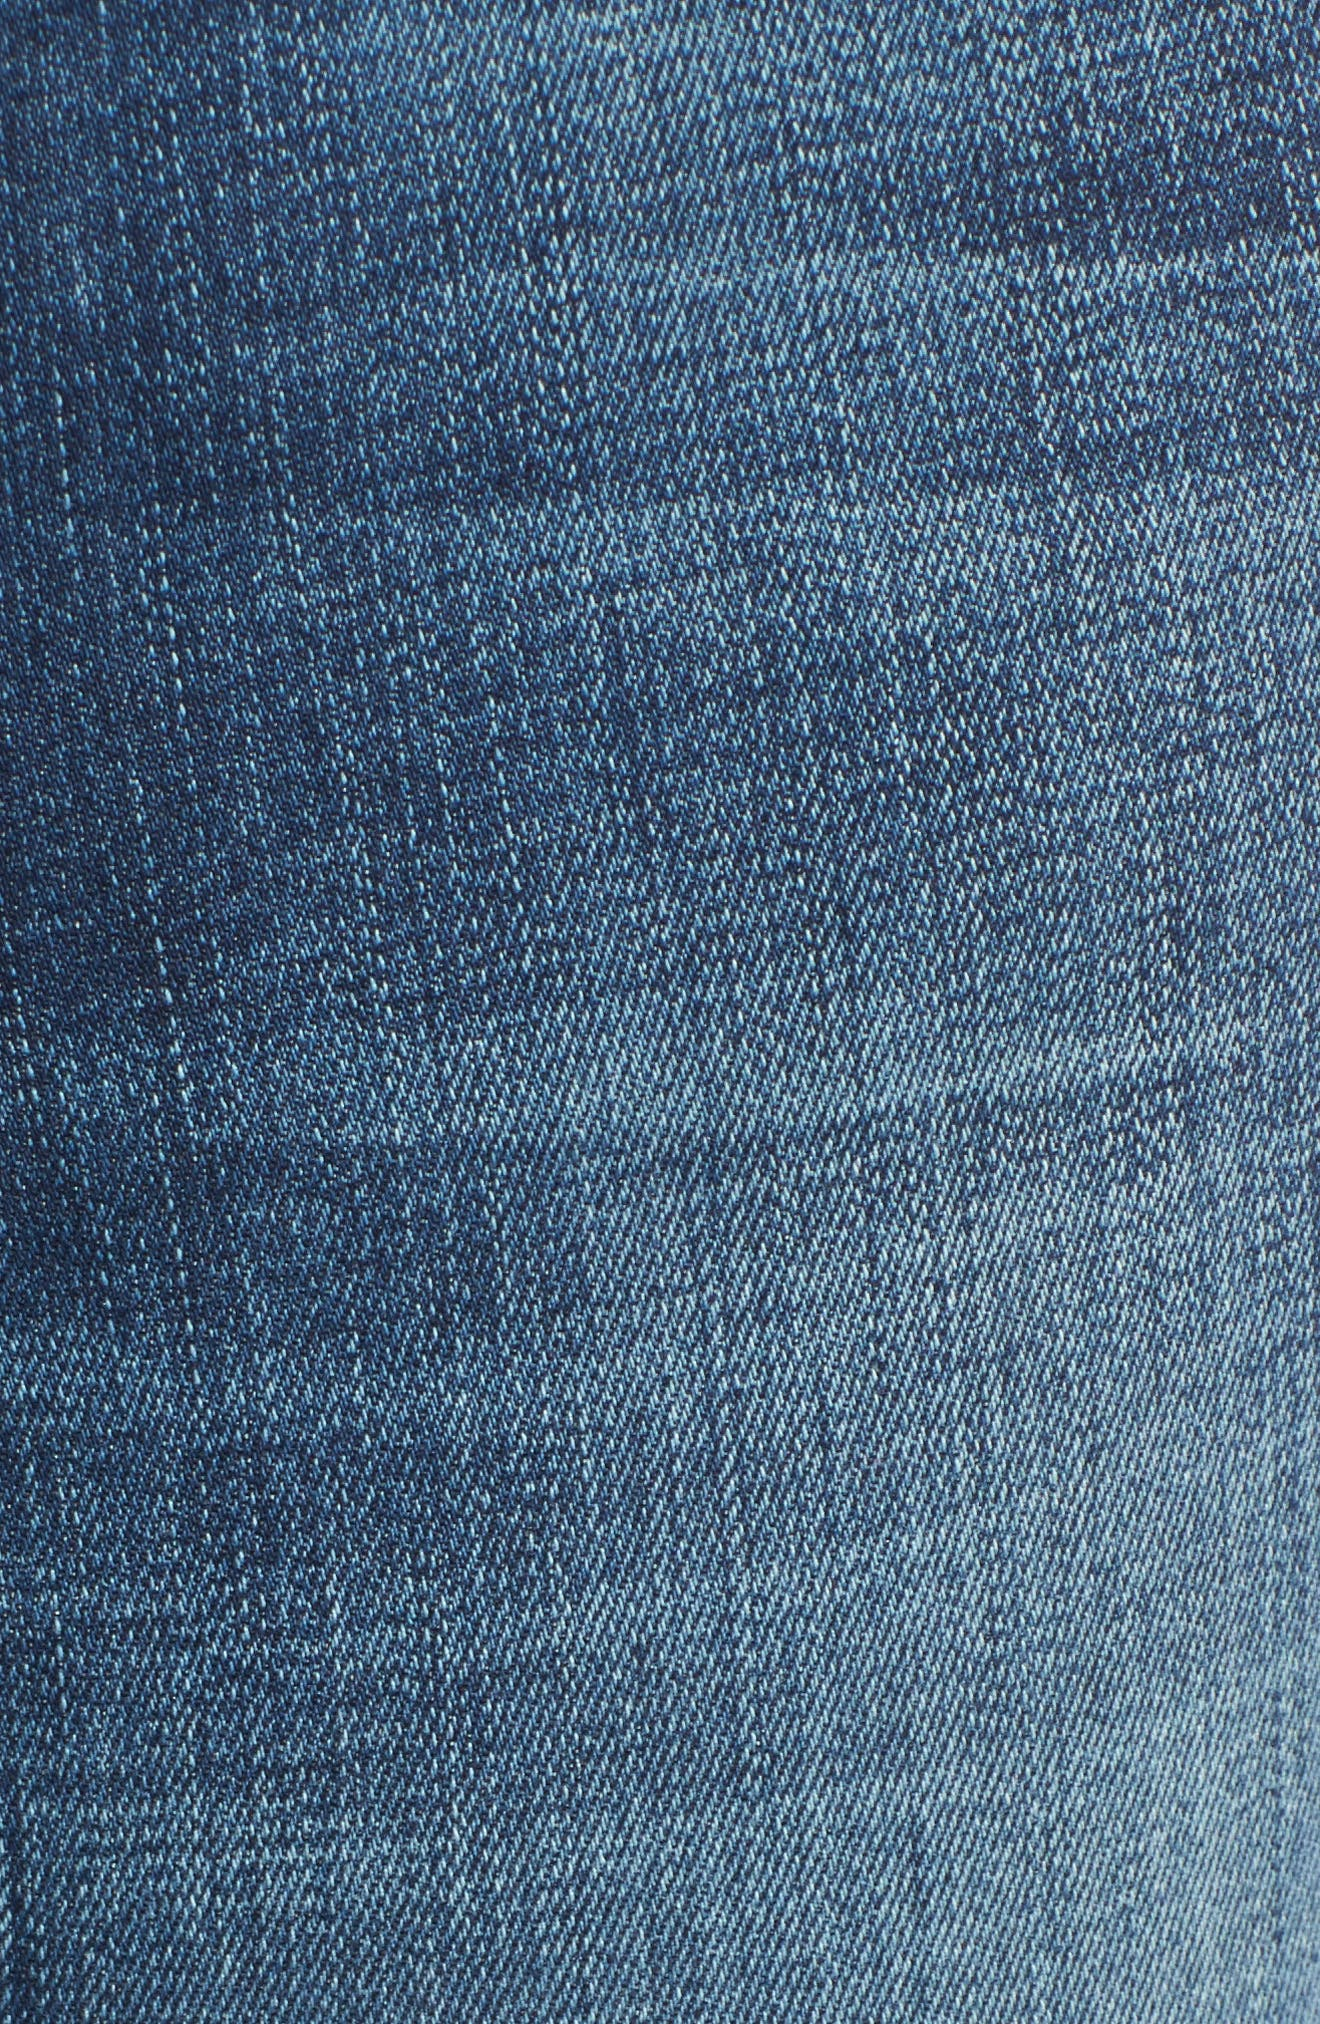 Andie Skinny Crop Jeans,                             Alternate thumbnail 4, color,                             Giada